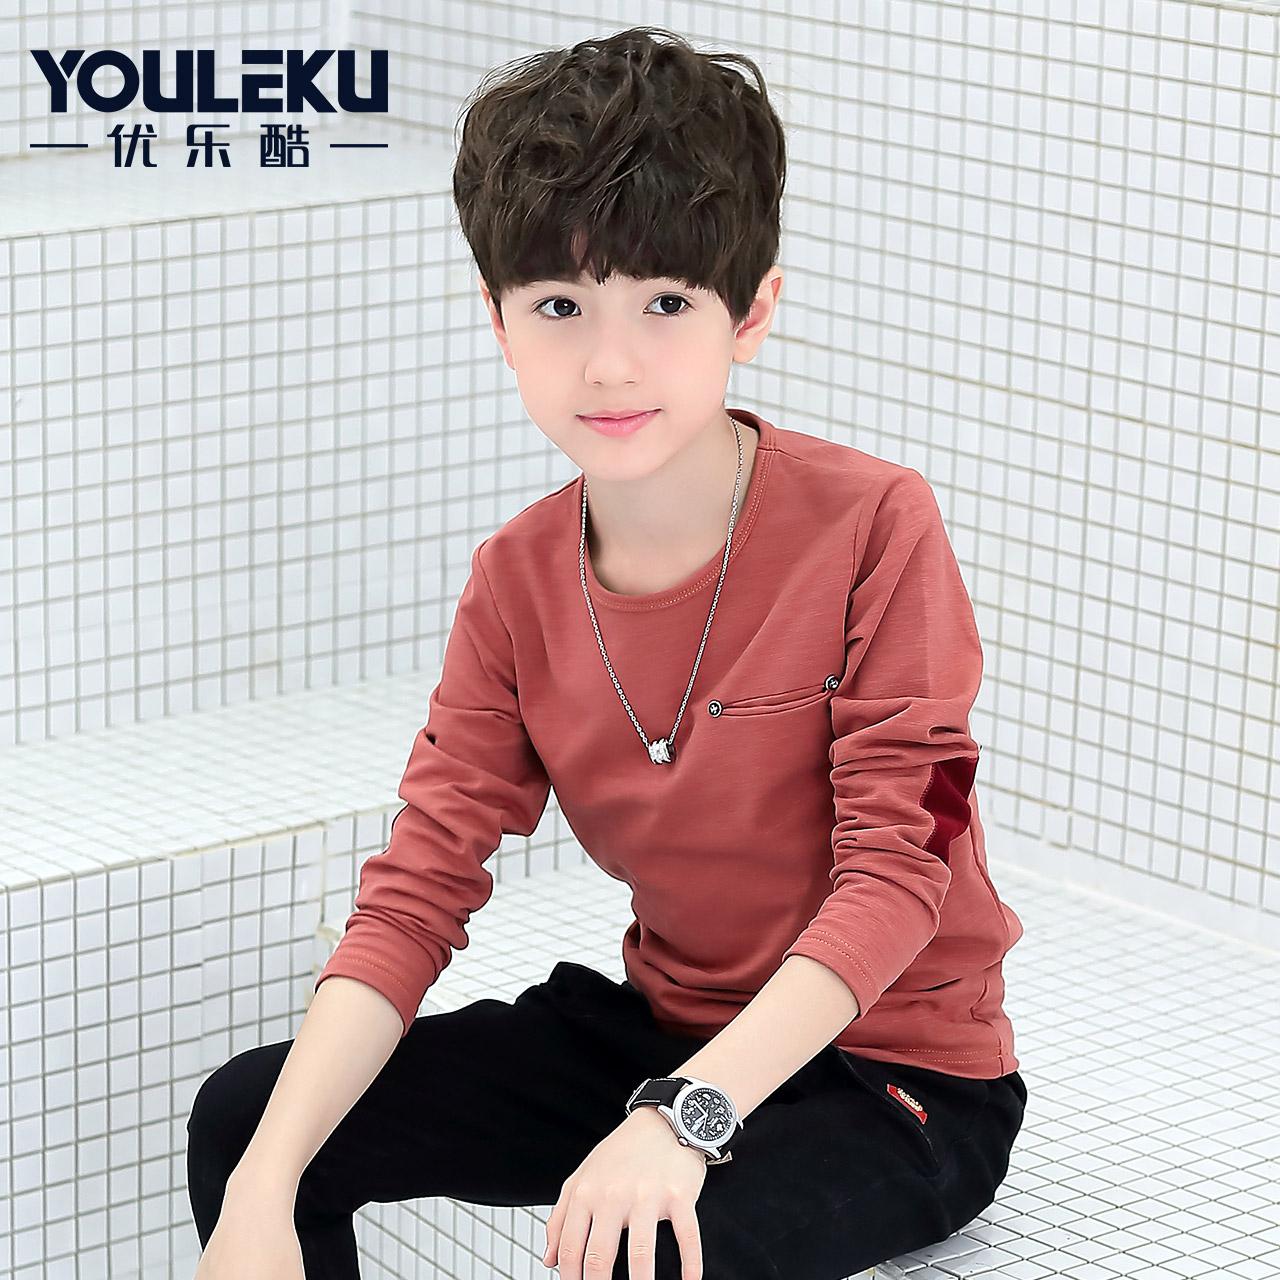 男童t恤長袖上衣秋裝兒童男孩打底衫純棉鼕季加厚加絨保暖大童裝